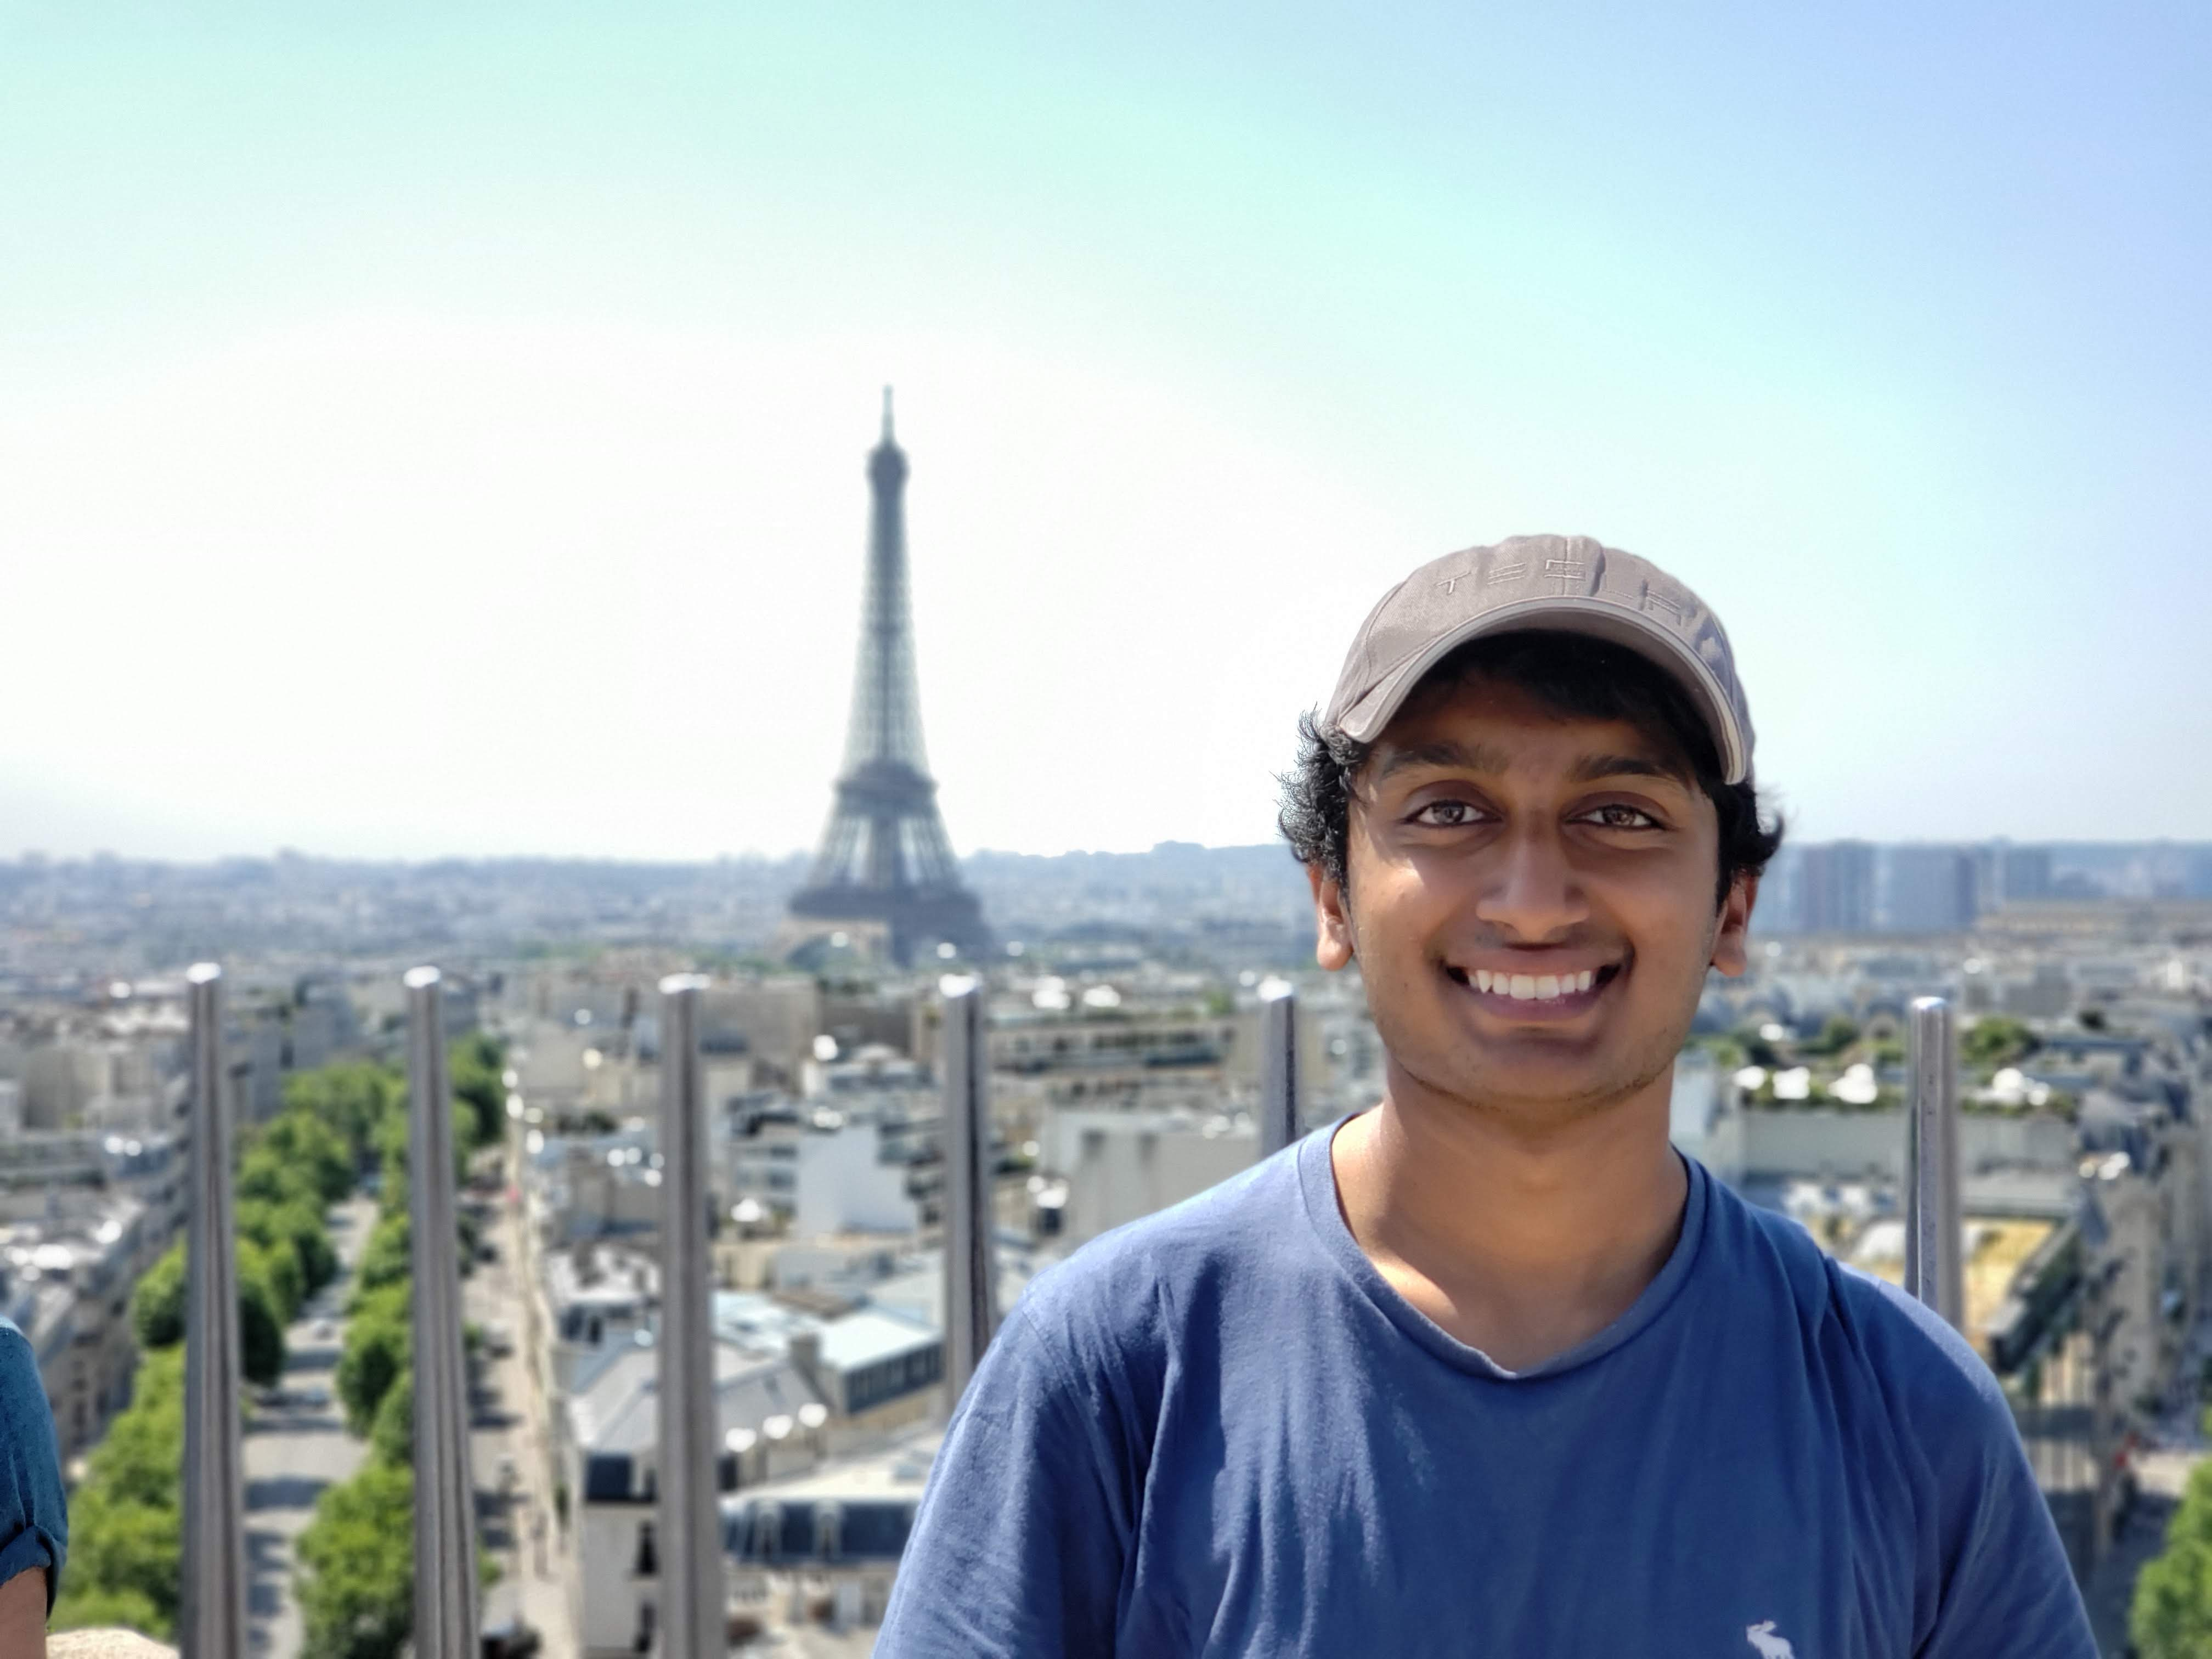 Pranav Kodali